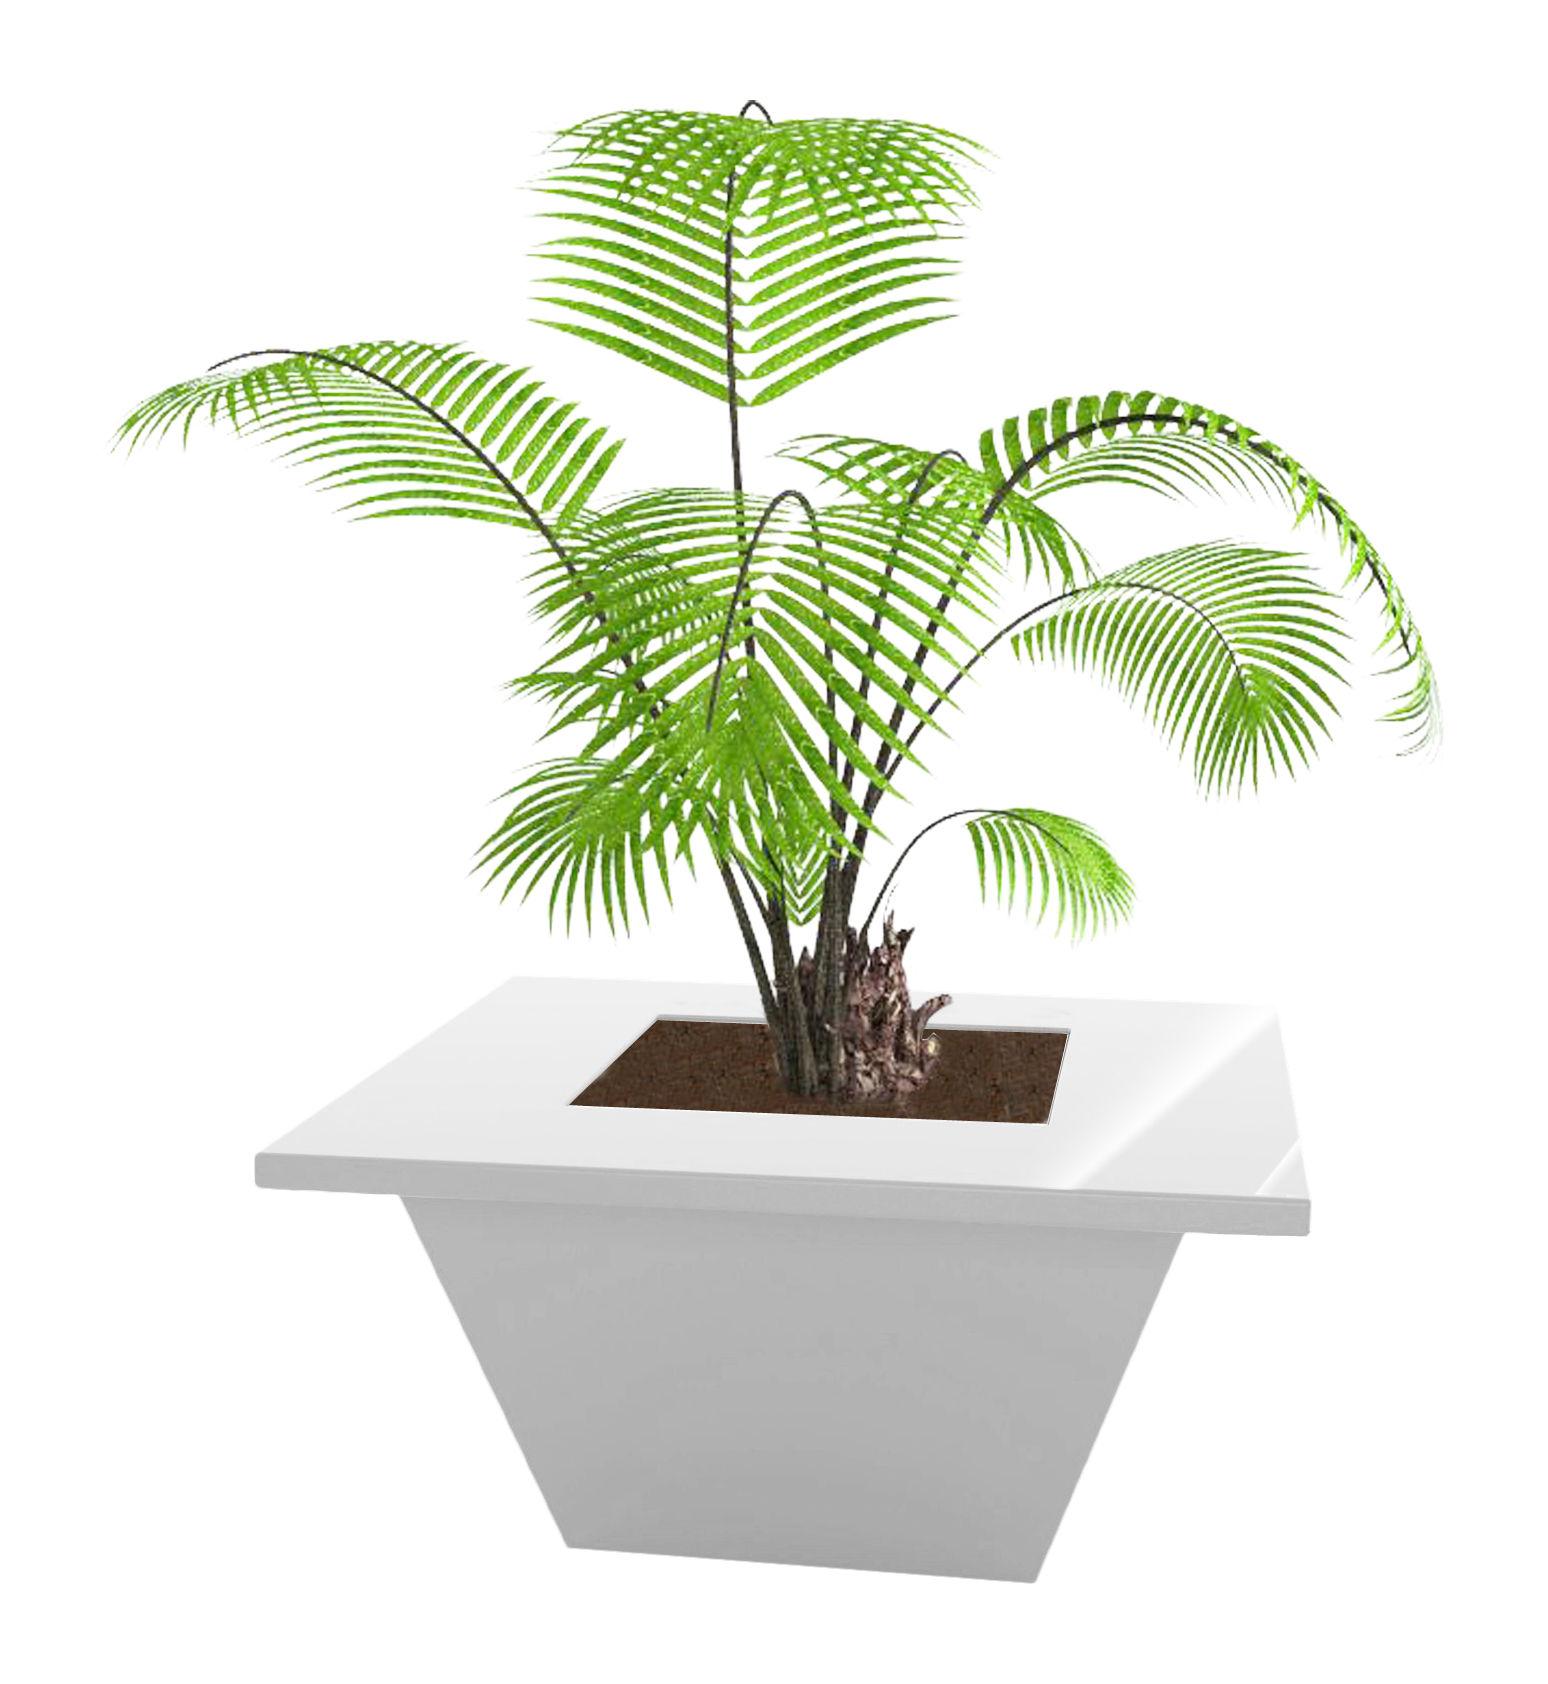 Outdoor - Töpfe und Pflanzen - Bench Blumentopf 150 x 150 cm - lackiert - Slide - Weiß lackiert - lackiertes Polyäthylen